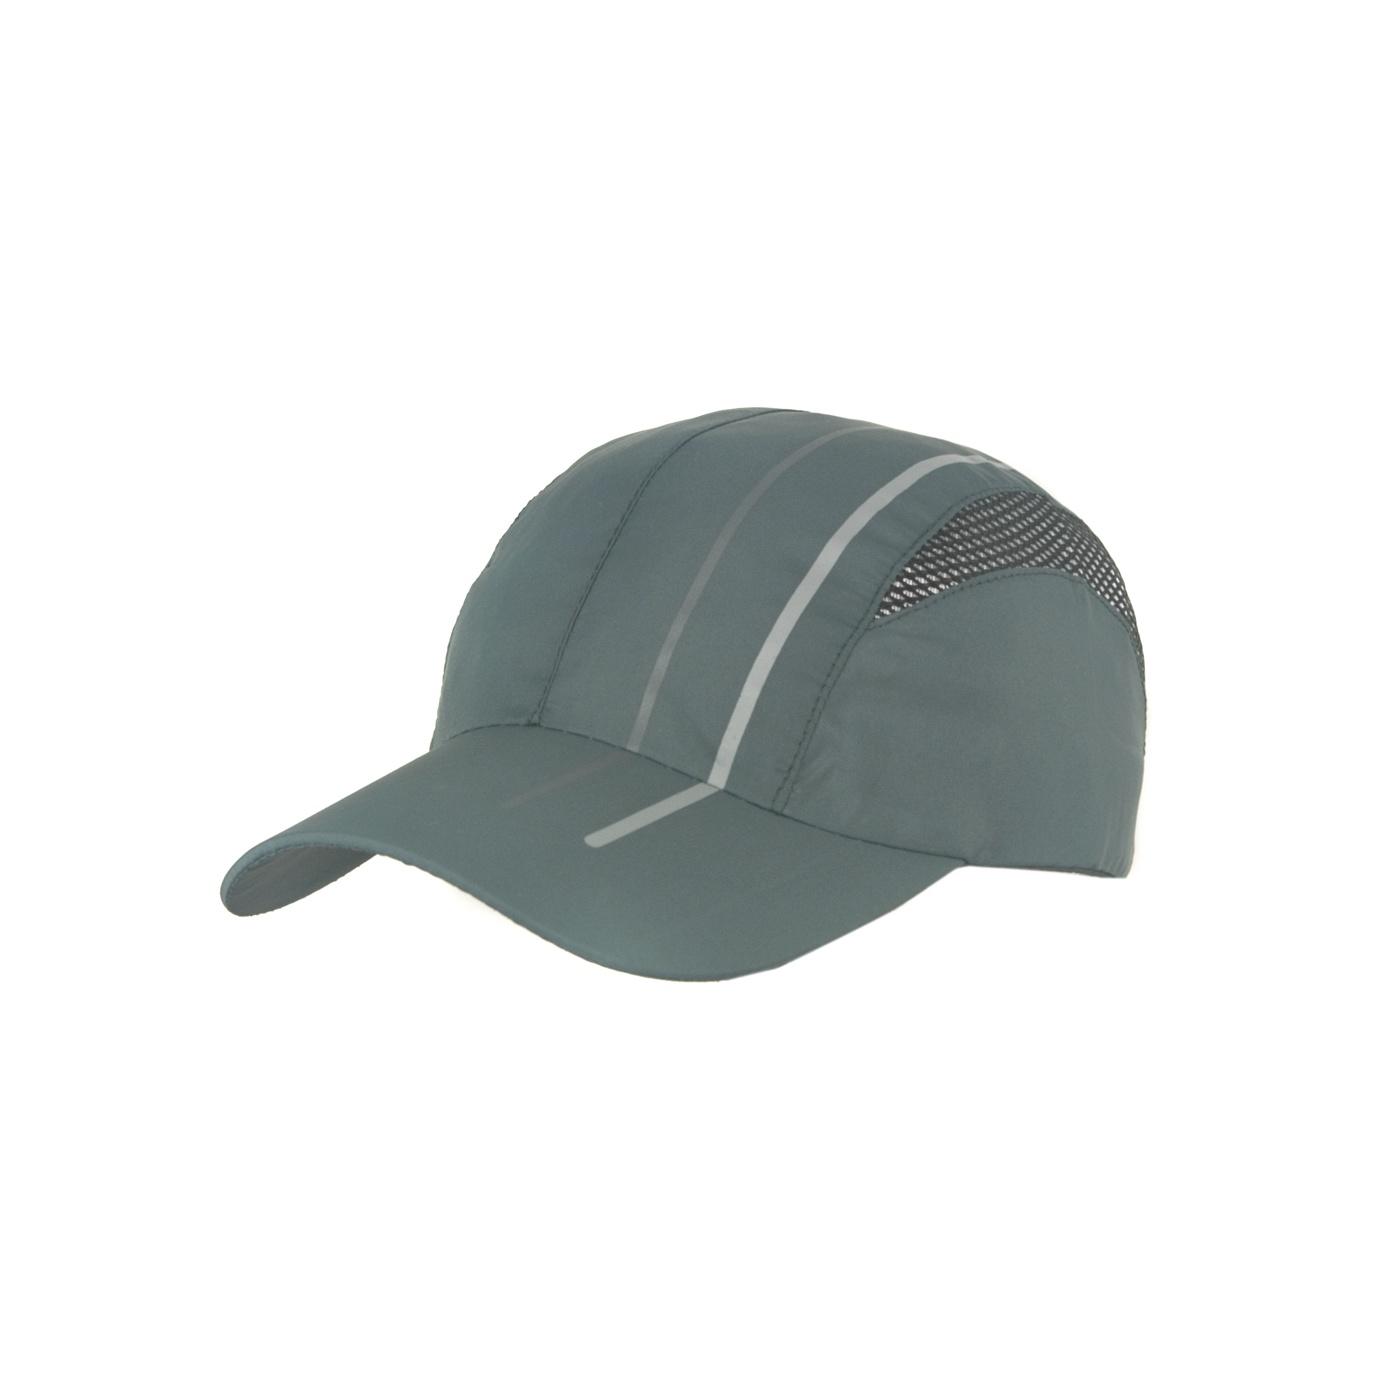 Lekka wentylowana czapka z daszkiem – szarozielona z siateczką